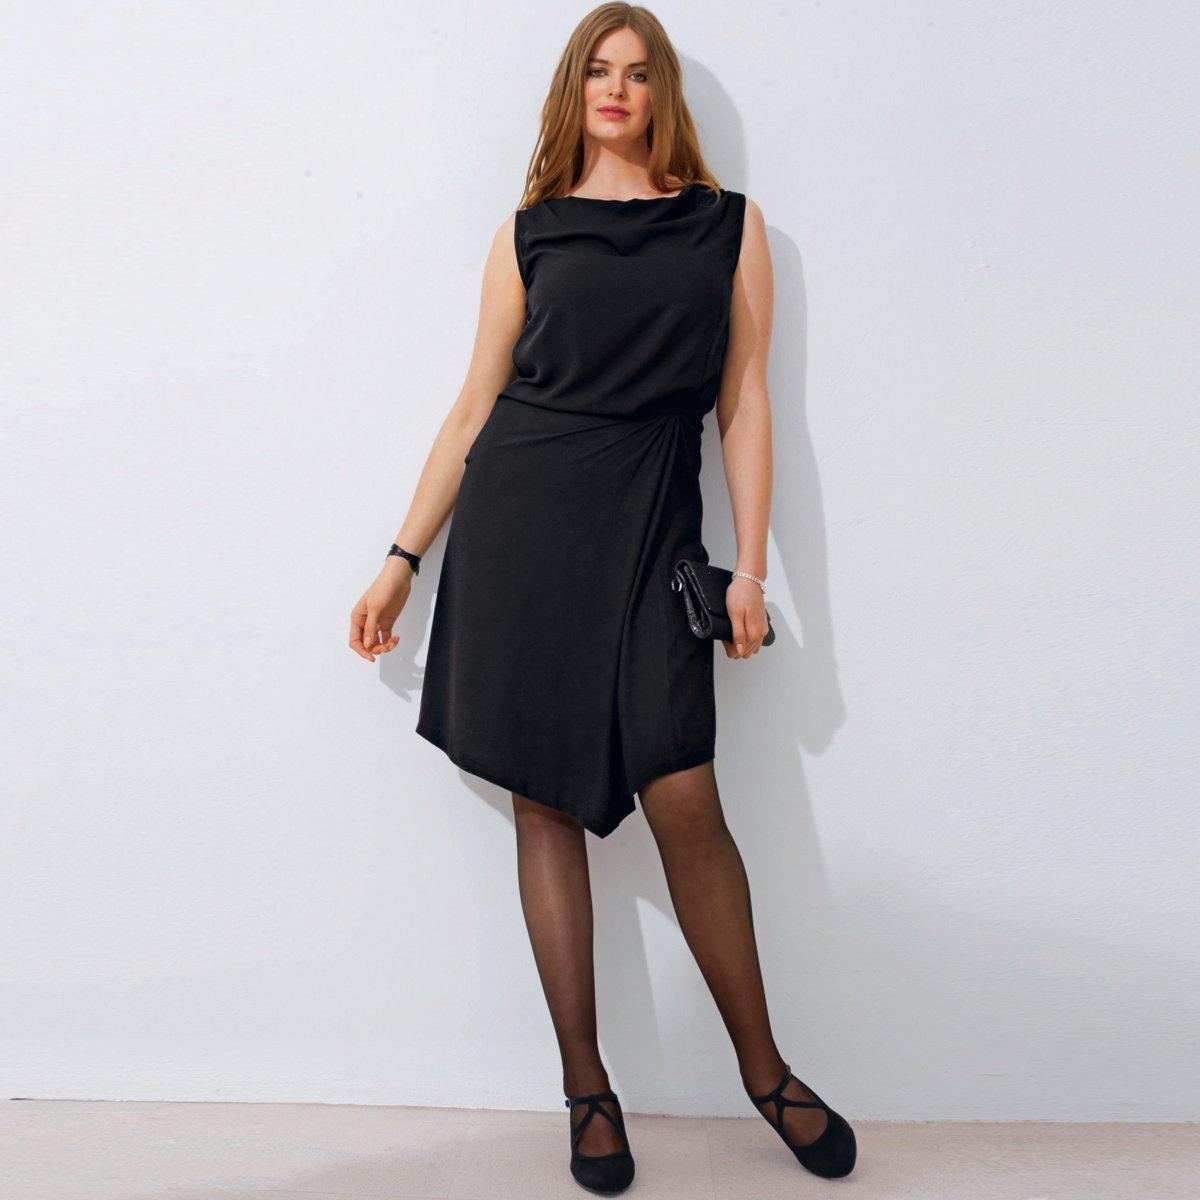 Βραδυνα Φορεματα Plus Size Χειμώνας 2012 κωδ. 324206605 8833e4d5311